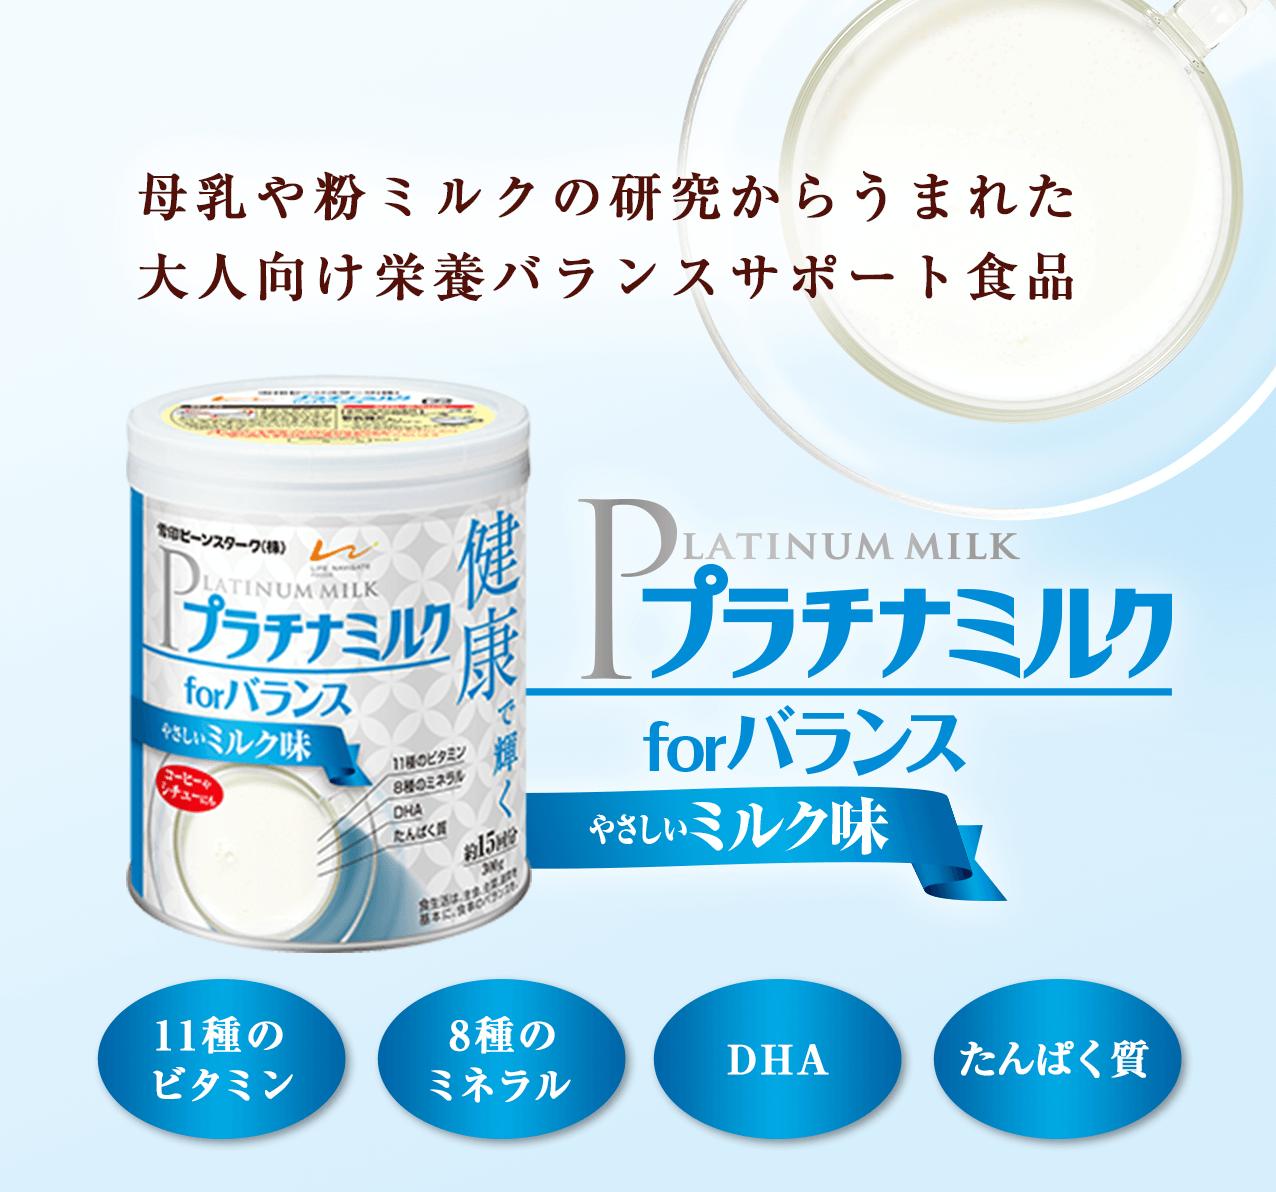 母乳や粉ミルクの研究からうまれた大人向け栄養バランスサポート食品 プラチナミルク for バランス